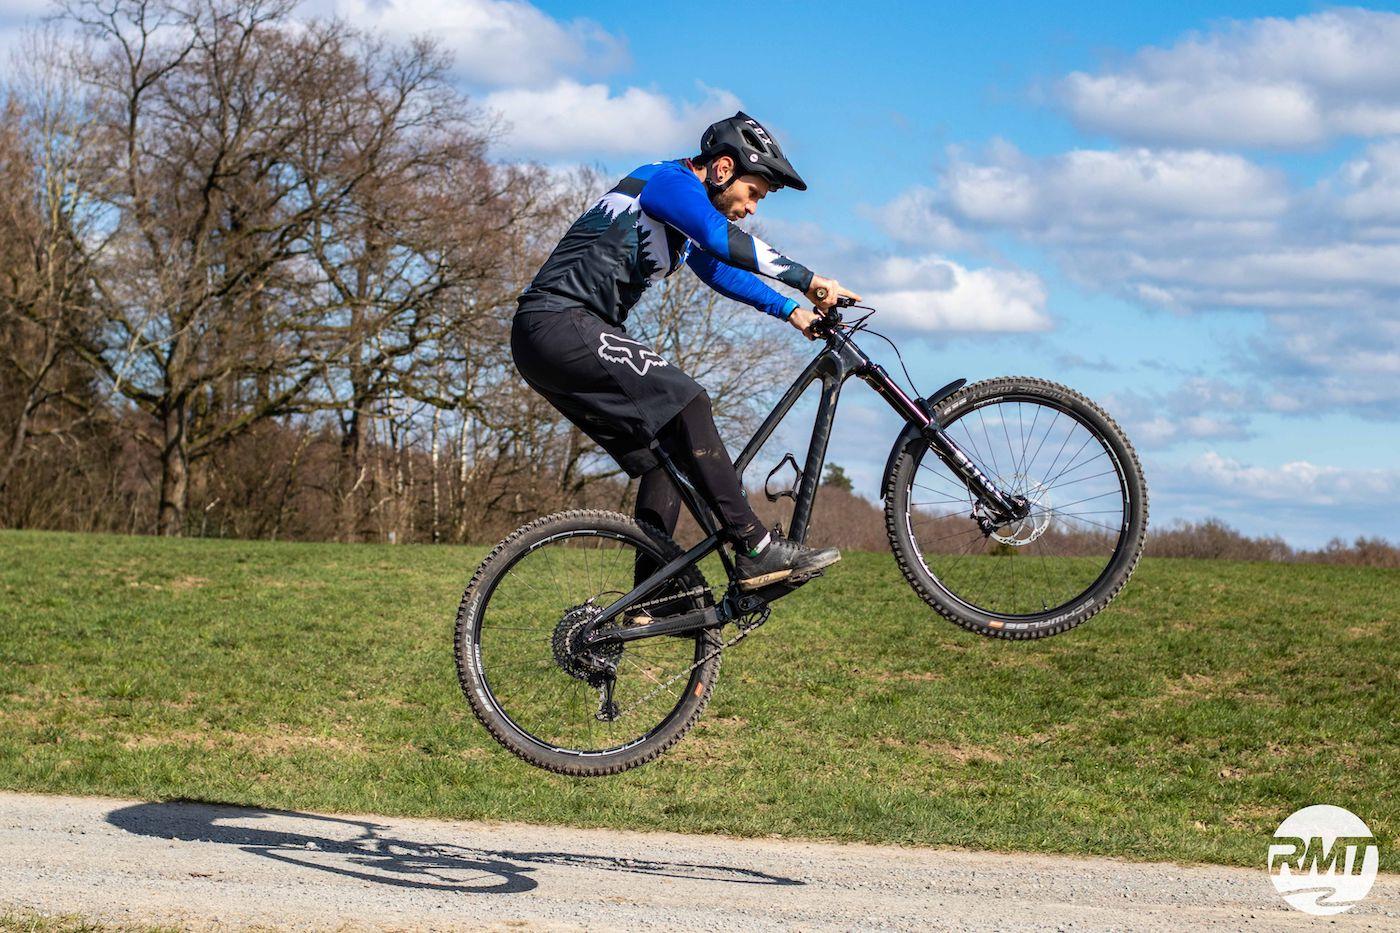 MTB Fahrtechnik Kurs Fortgeschrittene in Hamburg - Harburger Berge Norden - Mountainbike Fortgeschritten - Rock my Trail Bikeschule - 12